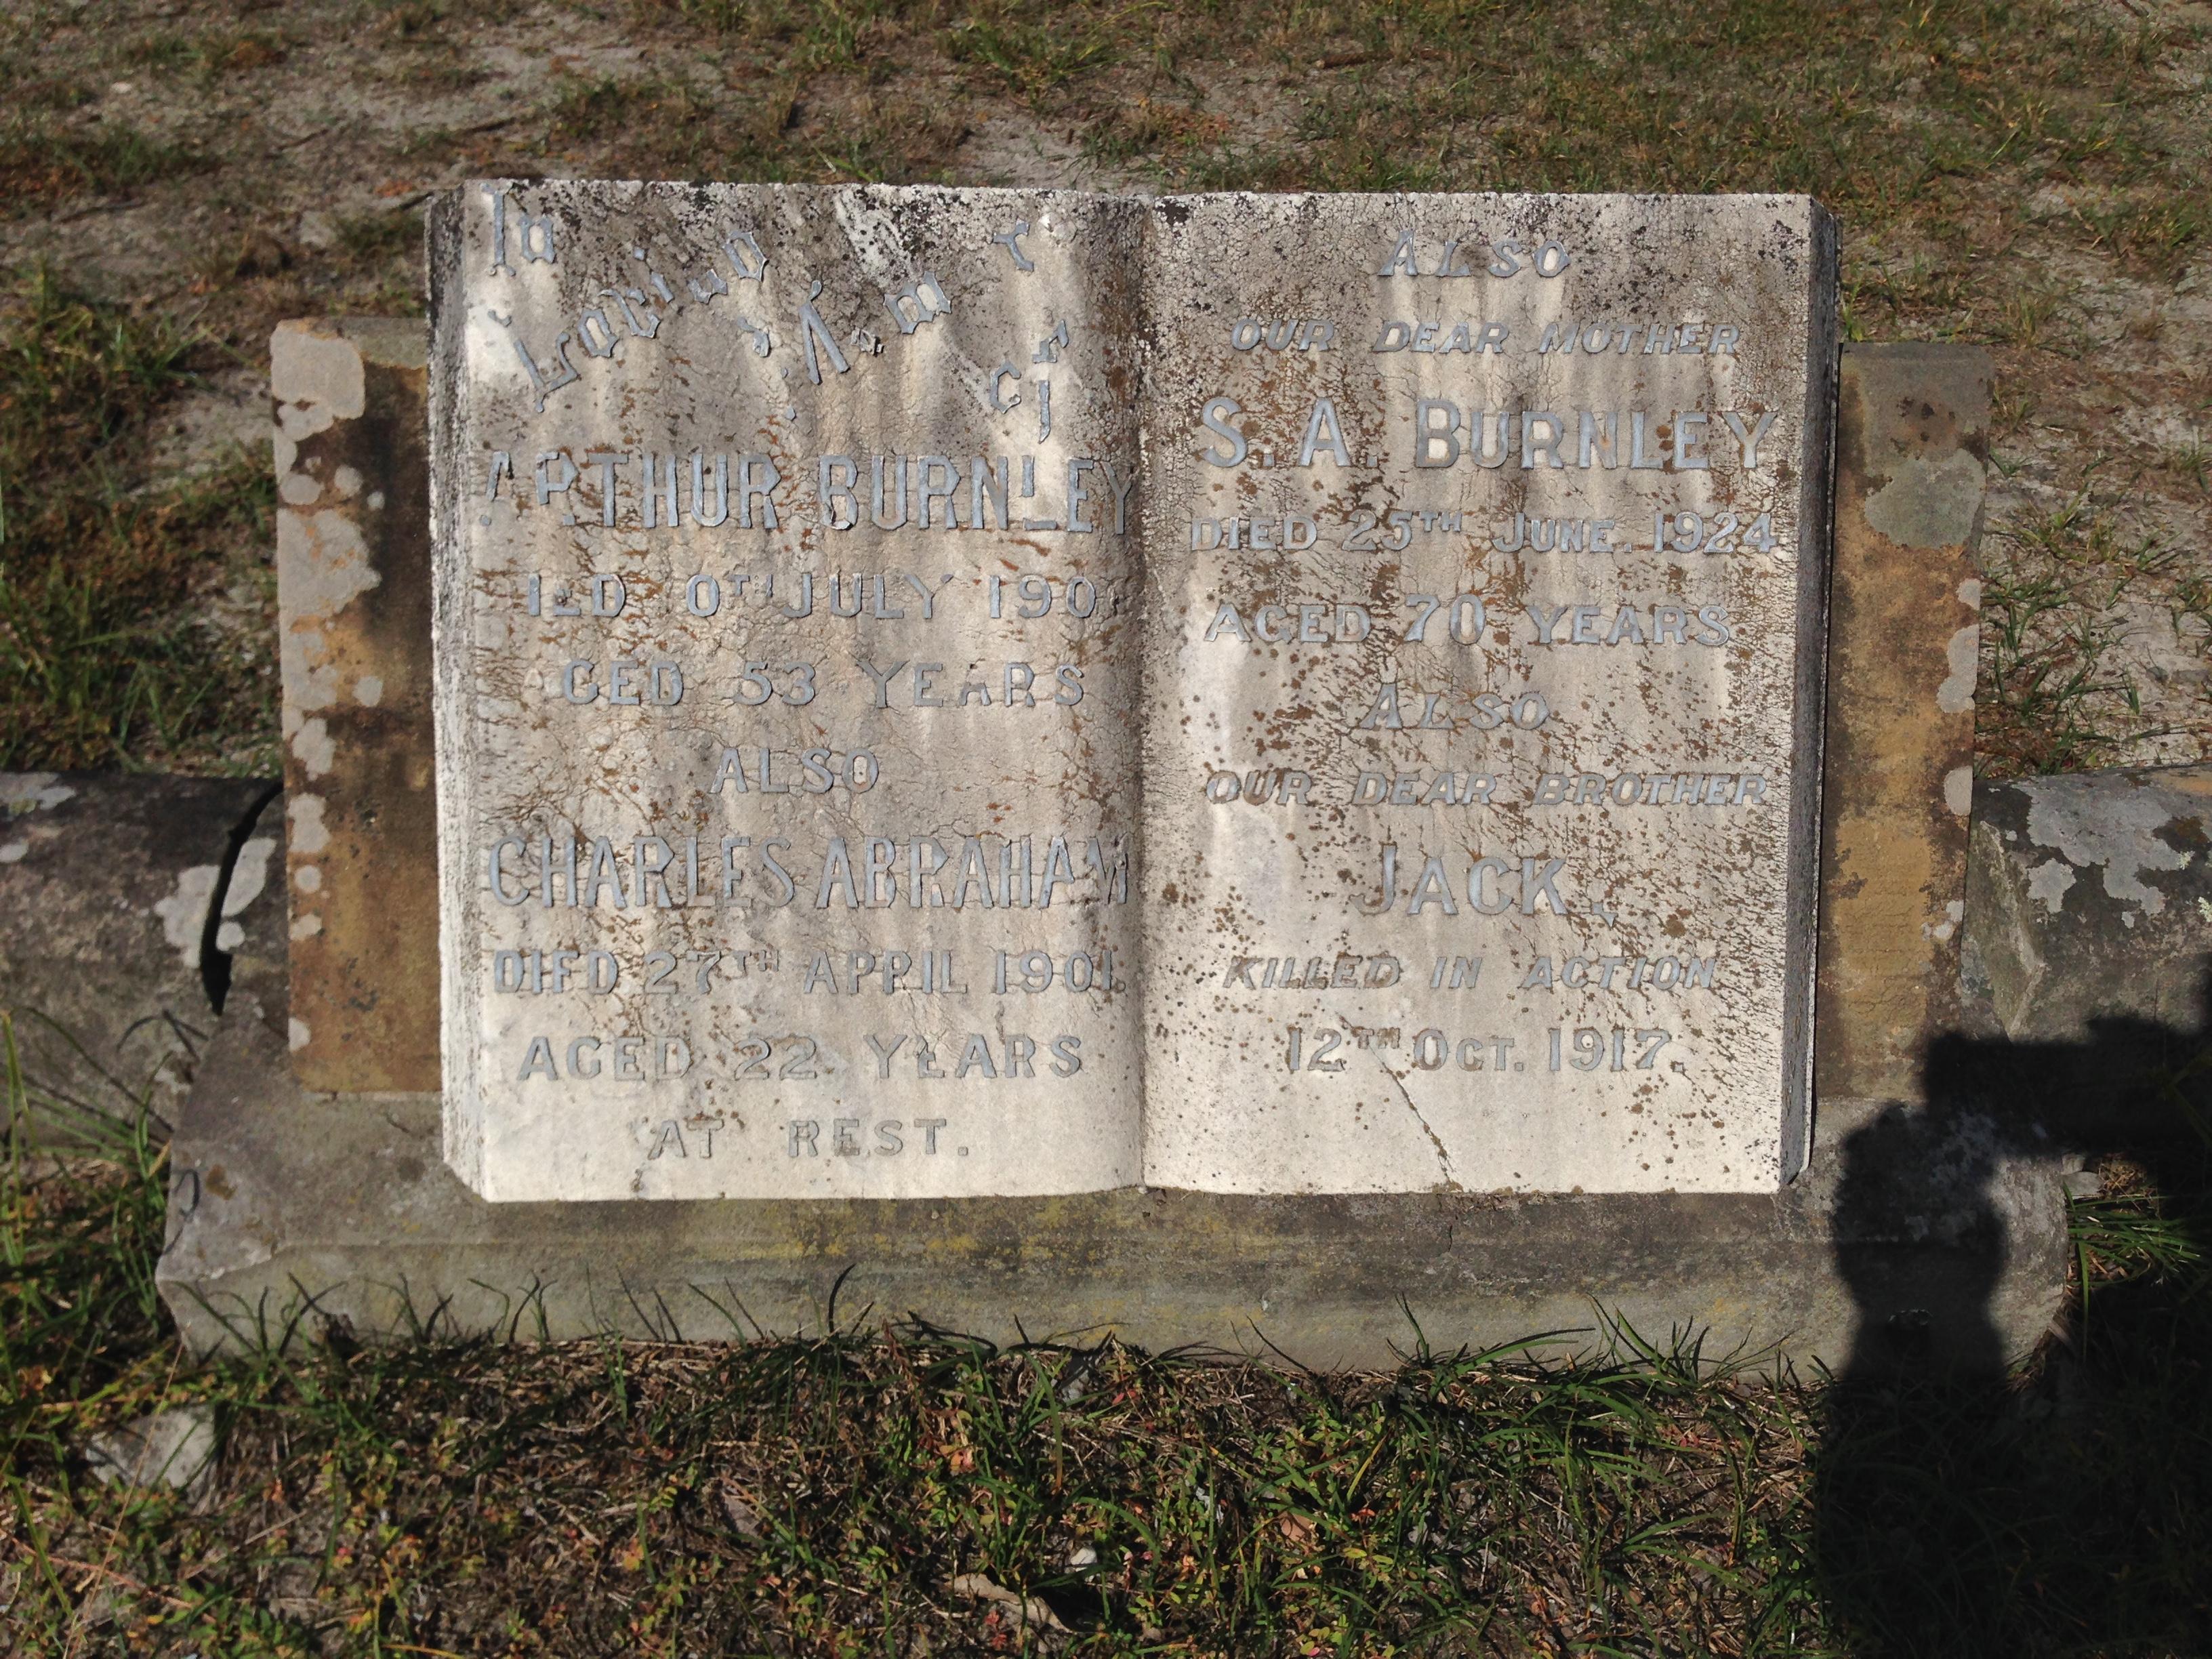 Burnley family grave site, Sandgate cemetery.